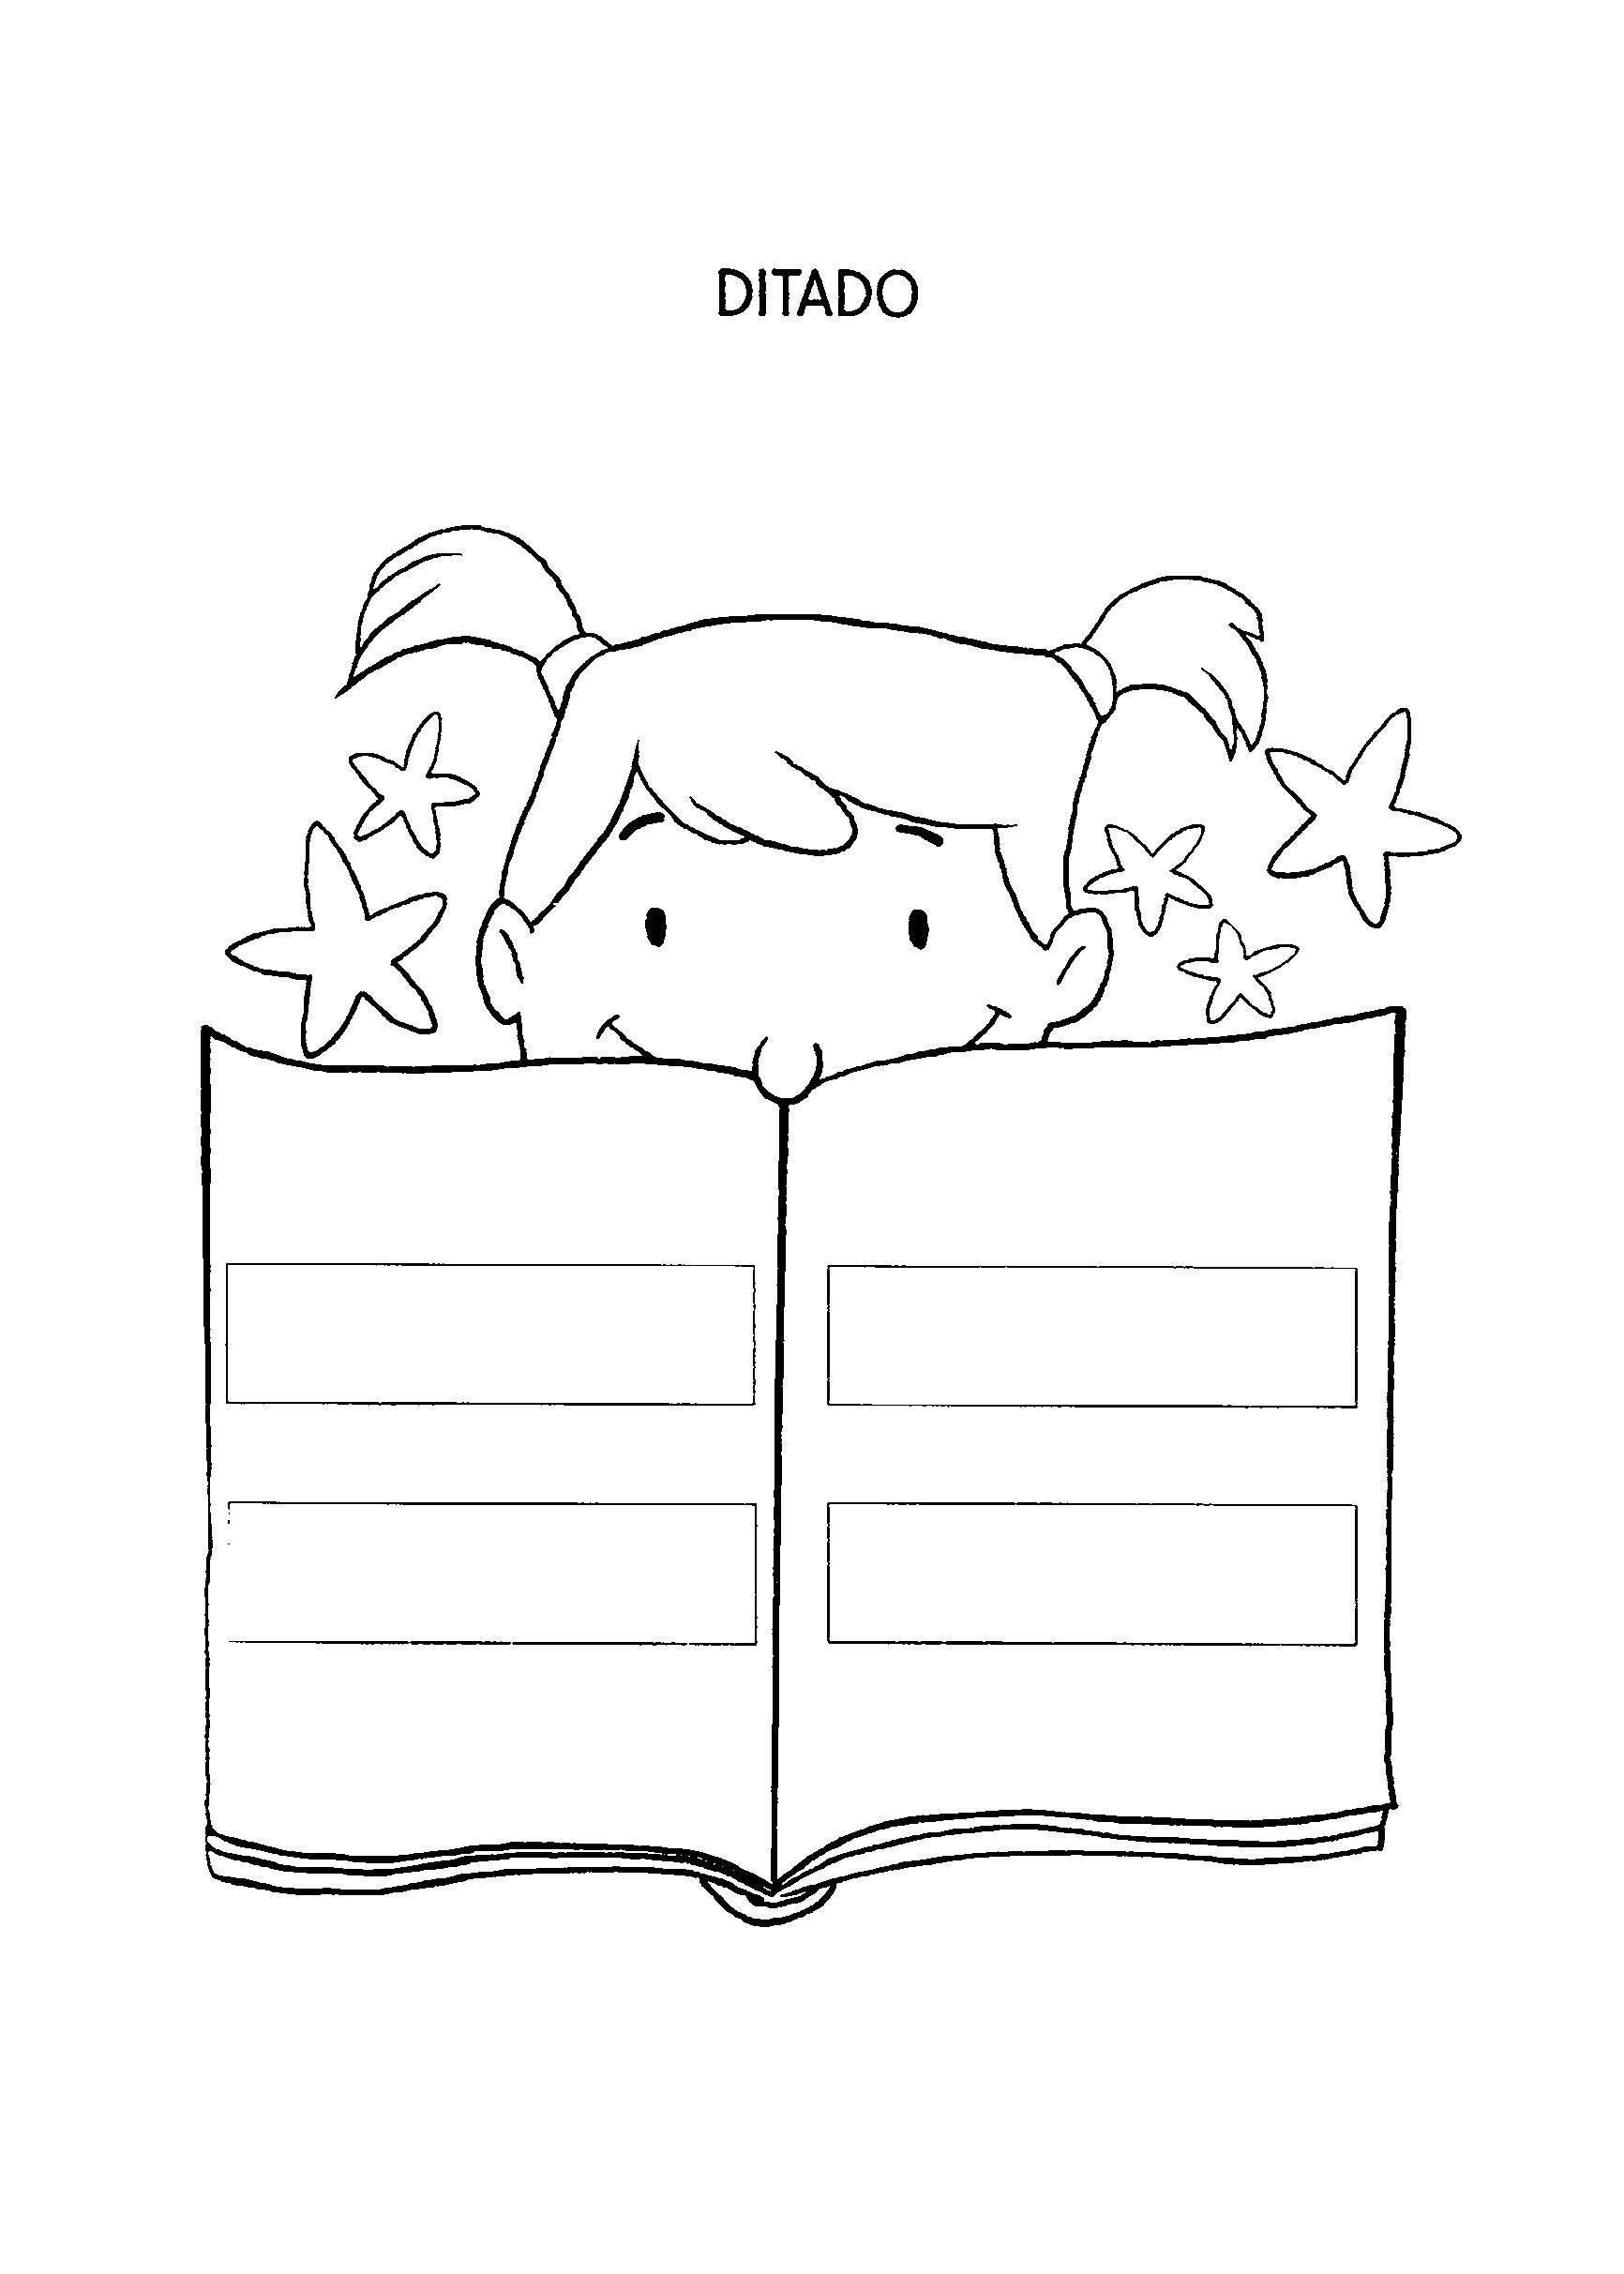 0199-ditado-folhas-livro